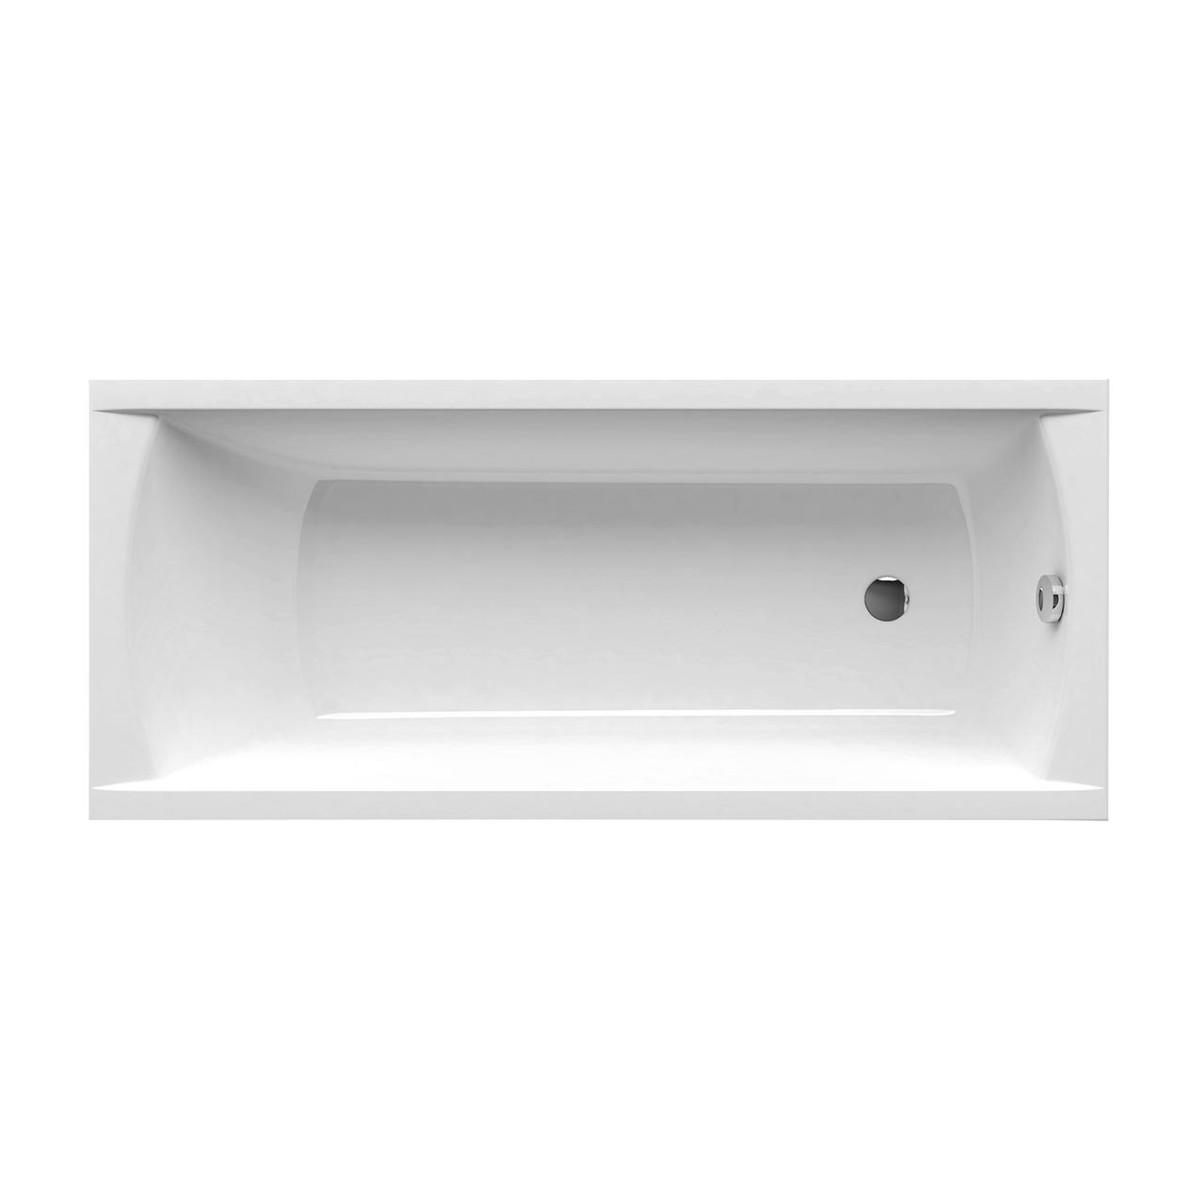 Акриловая прямоугольная ванна Ravak Classic 160x70 см C531000000